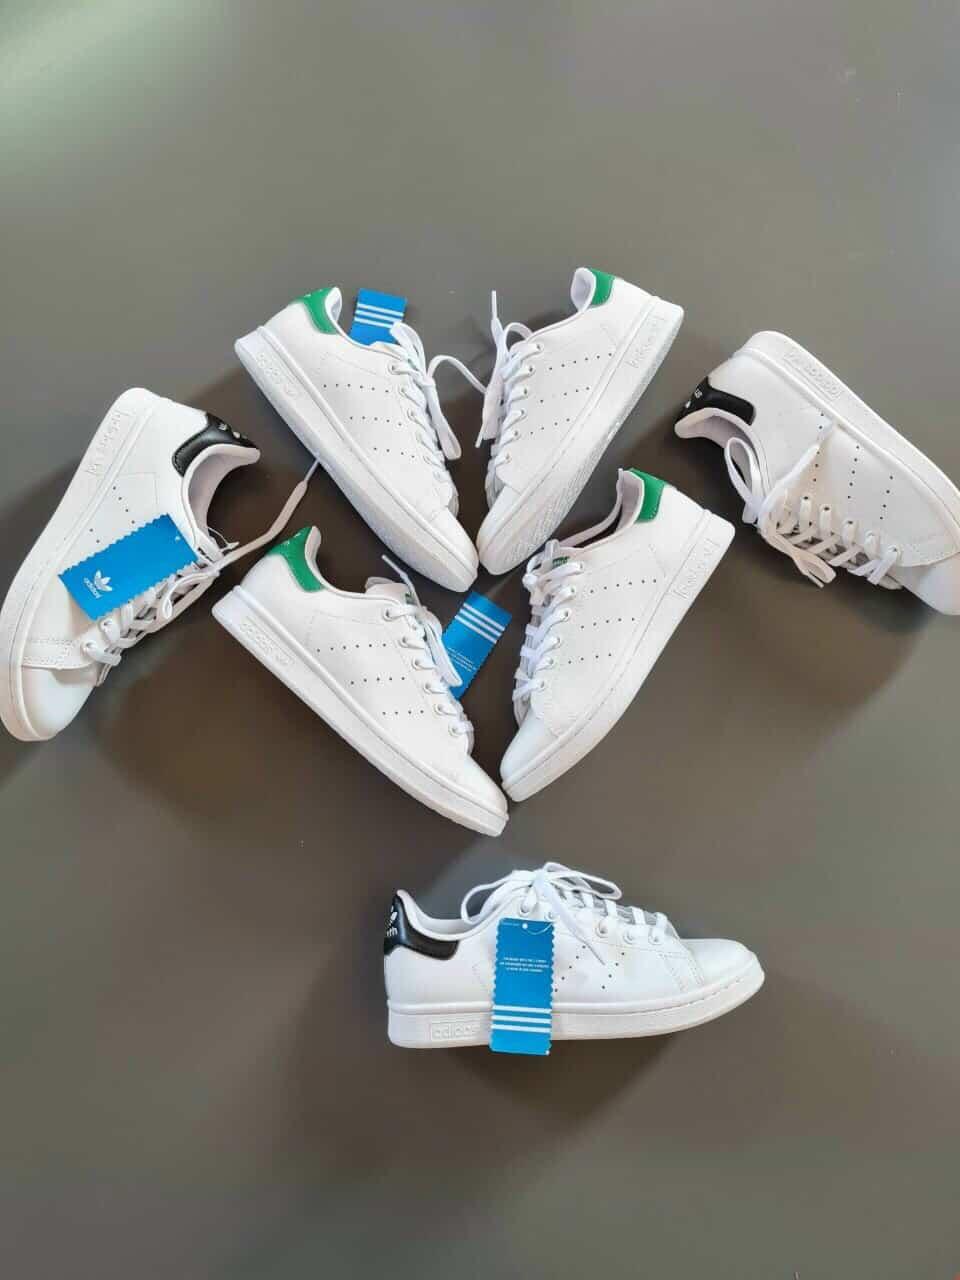 Lựa chọn địa chỉ bán giày uy tín để đảm bảo chất lượng sản phẩm